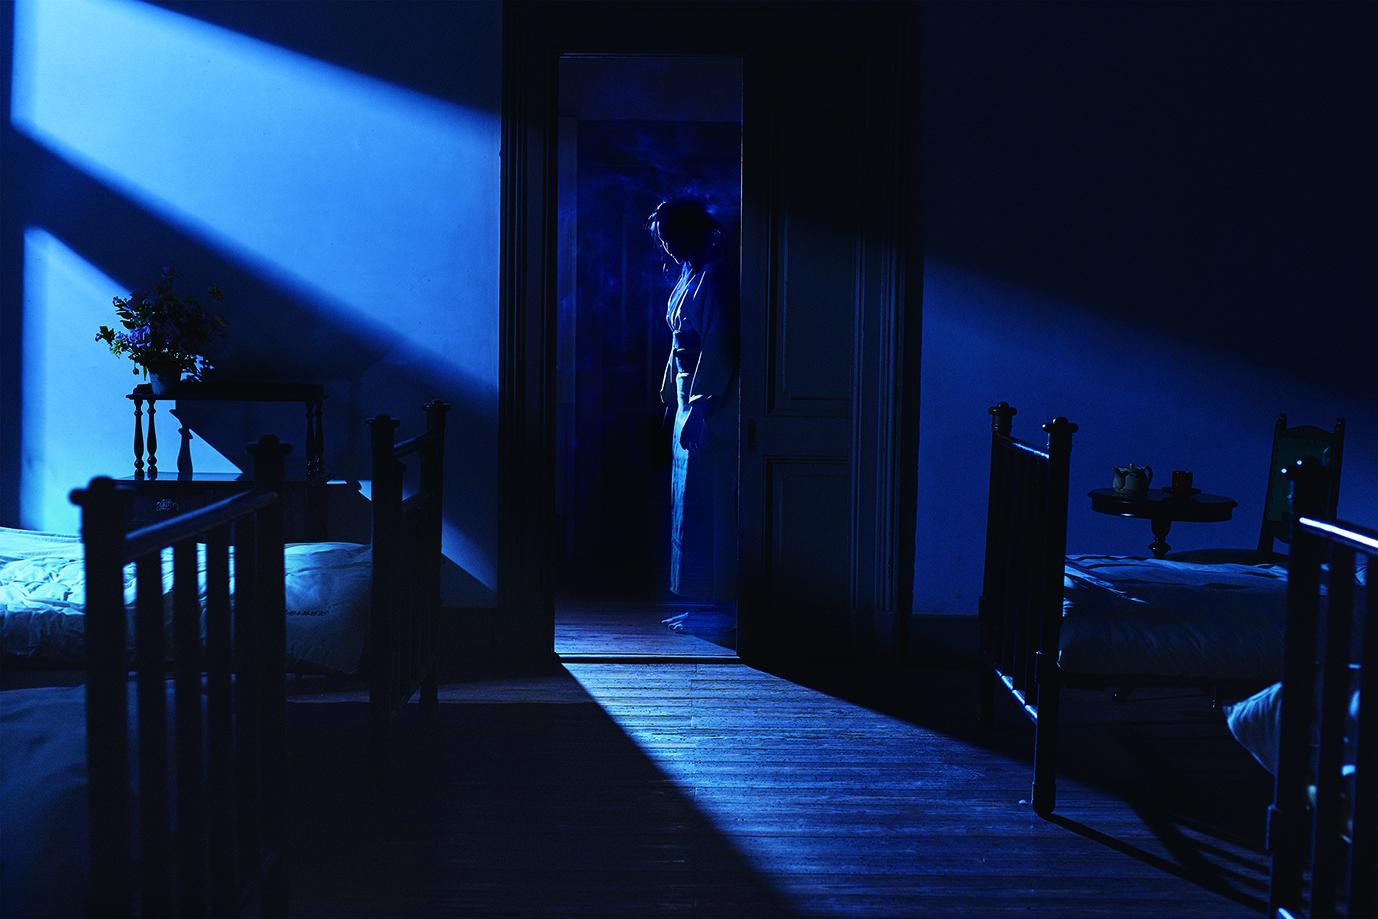 最恐の夏がやってきた!矢場町・明治村のミッション型お化け屋敷が7月8日オープン - 4a5ef2f9fed10beb2d36193061373176